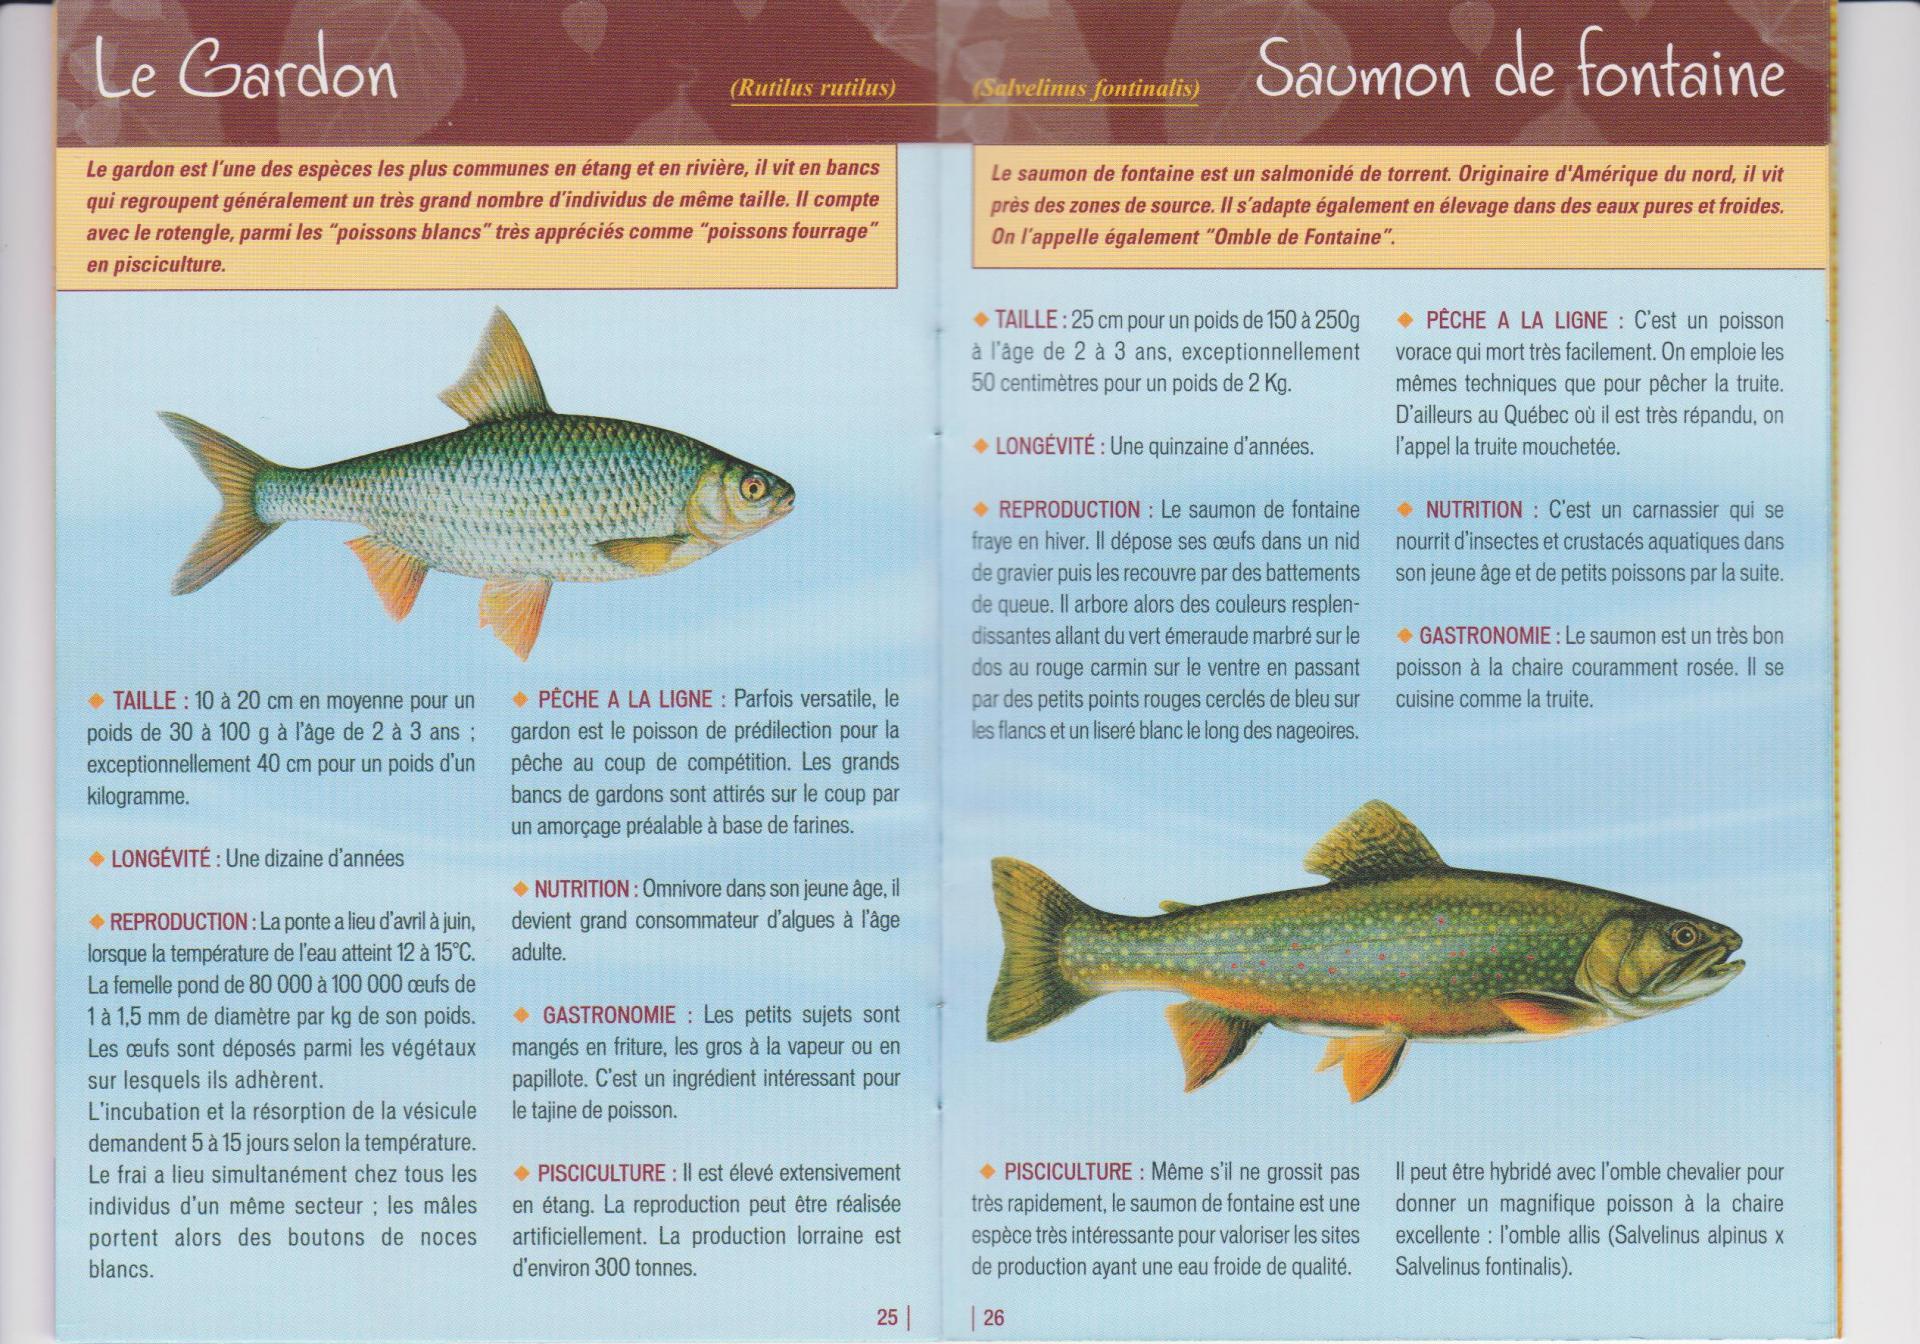 Poisson 2 3